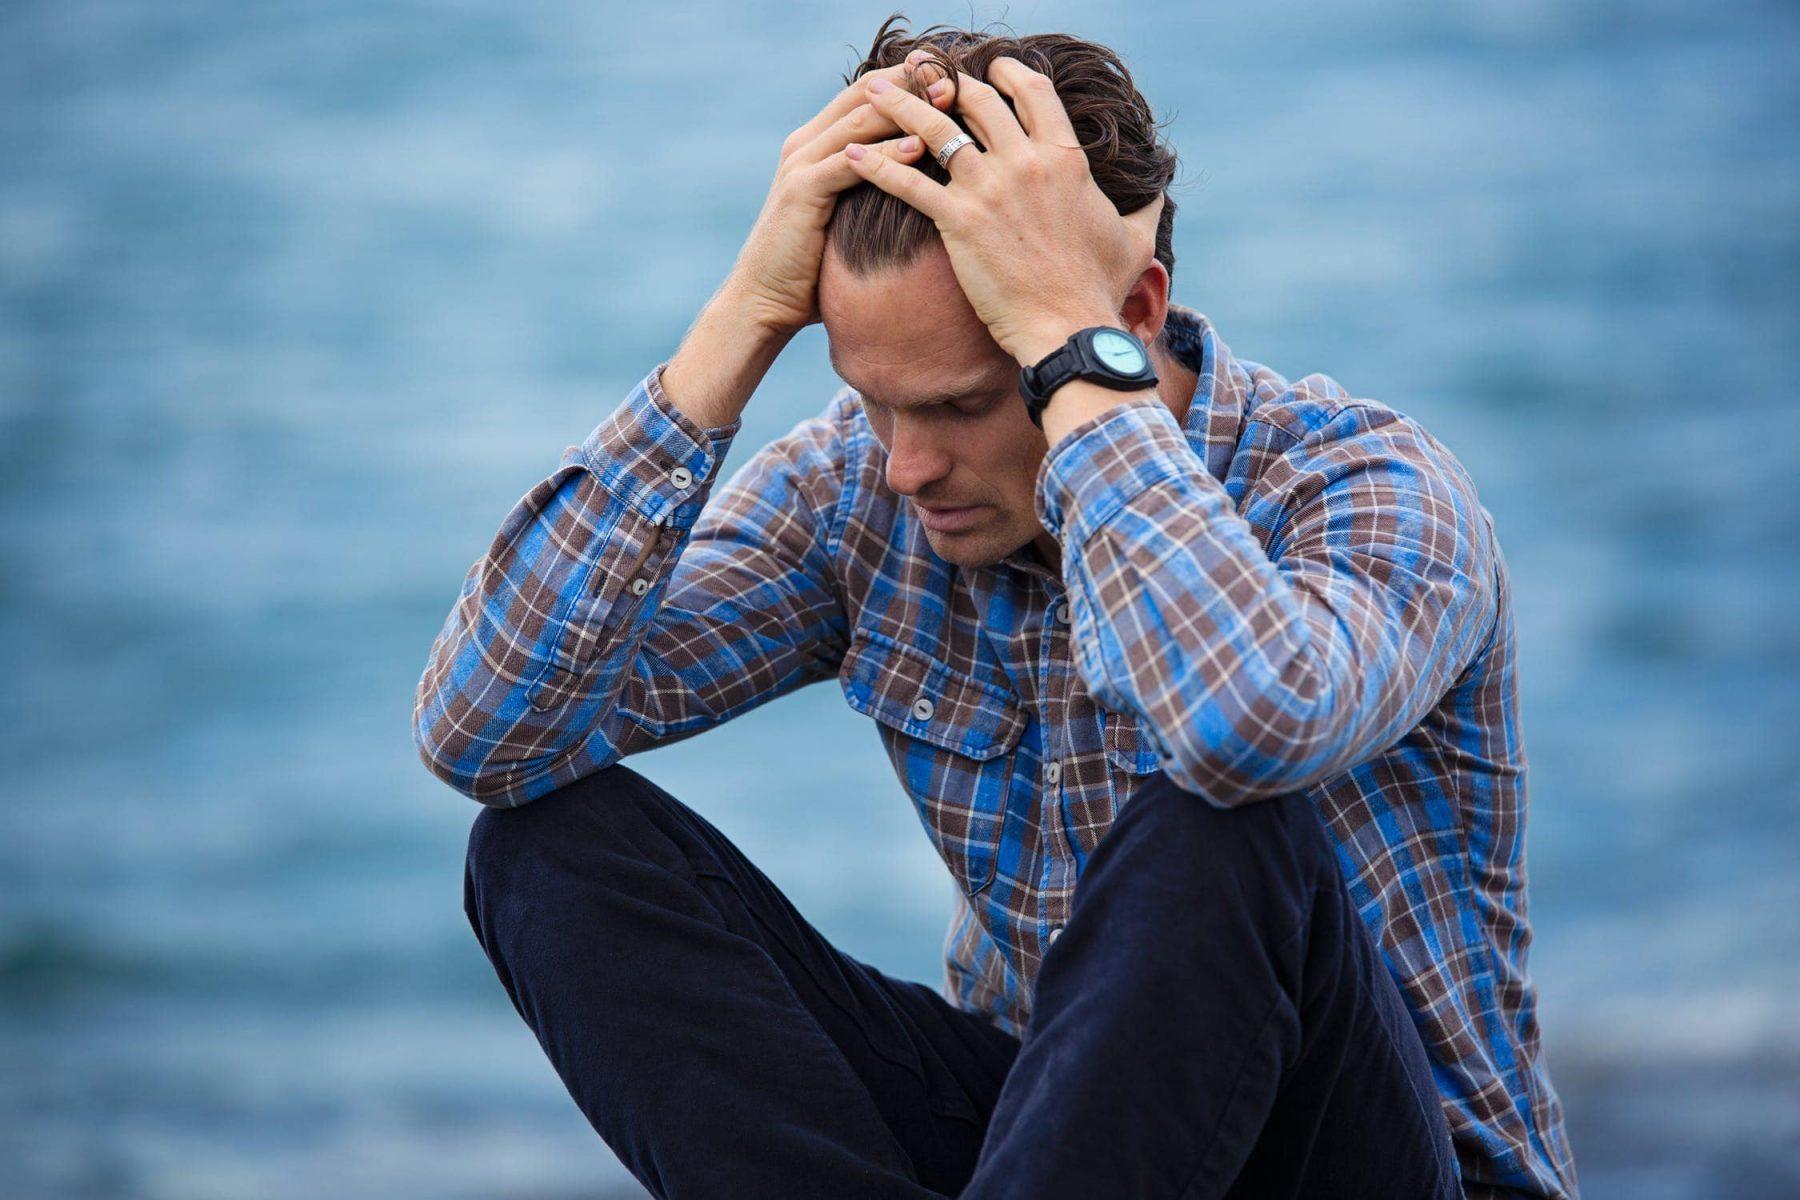 Αναγνώριση της κατάθλιψης στους άνδρες: 7 σημάδια για παρακολούθηση